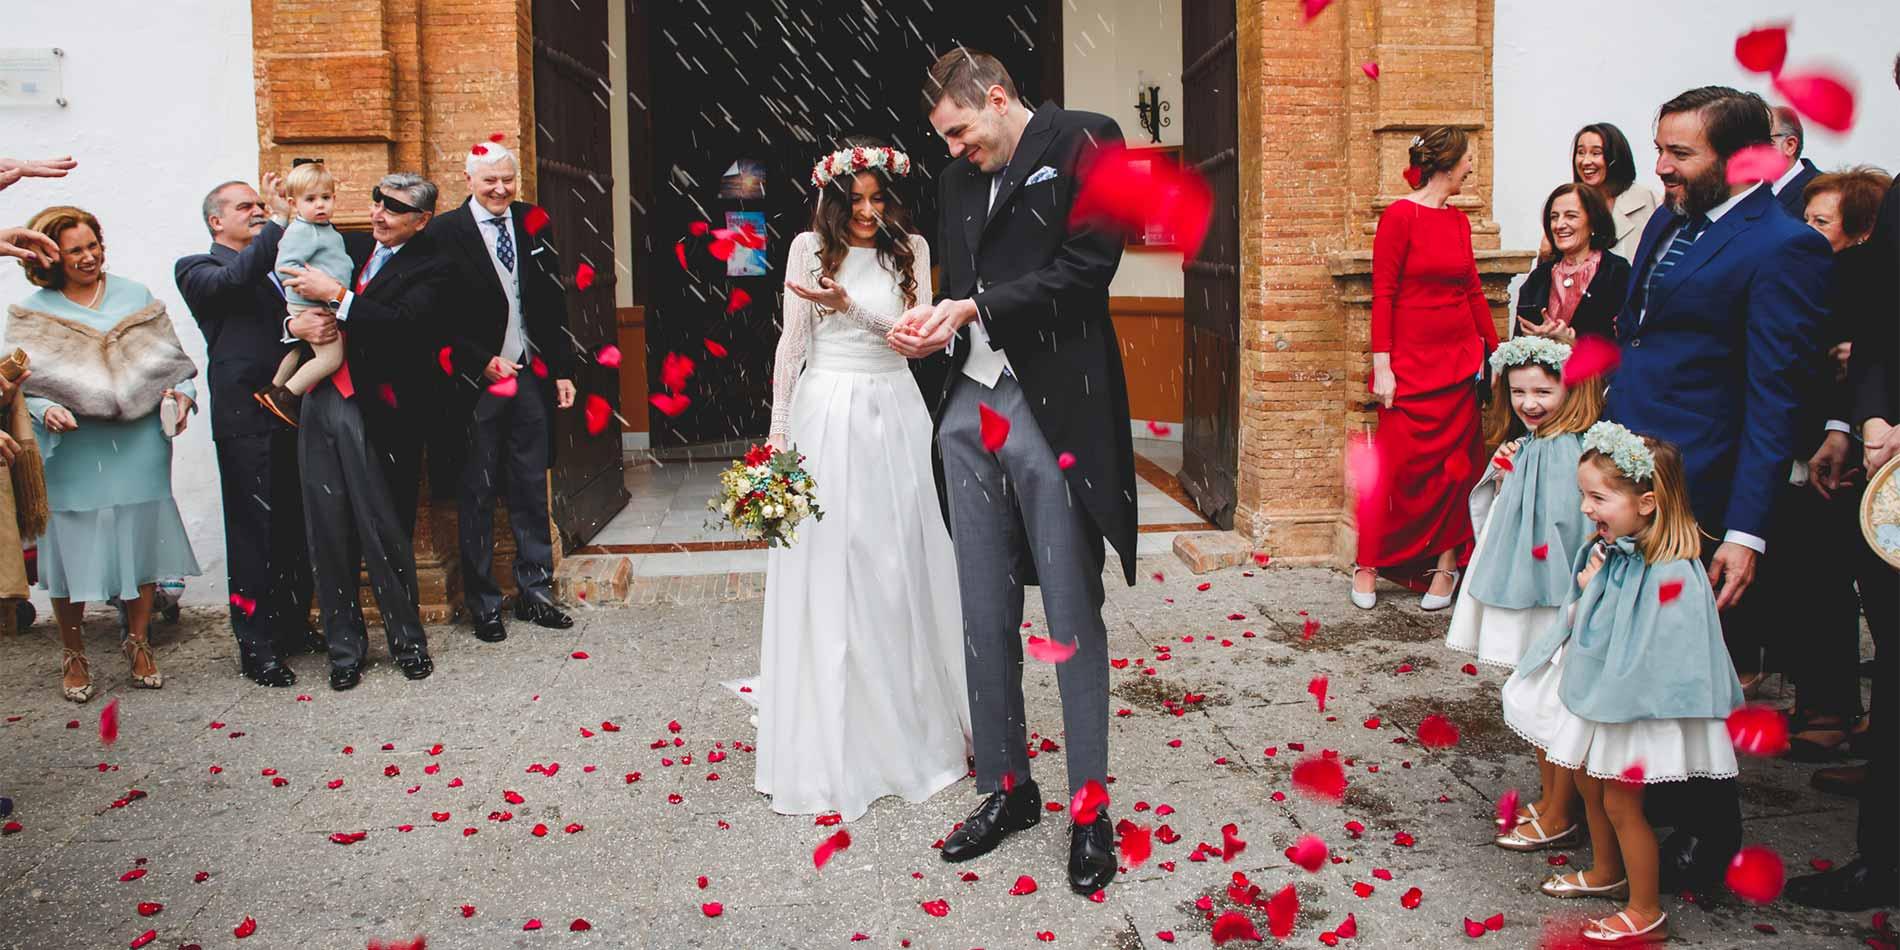 Fotografías de boda en sevilla, novios saliendo de la iglesia con lluvia de arroz y pétalos